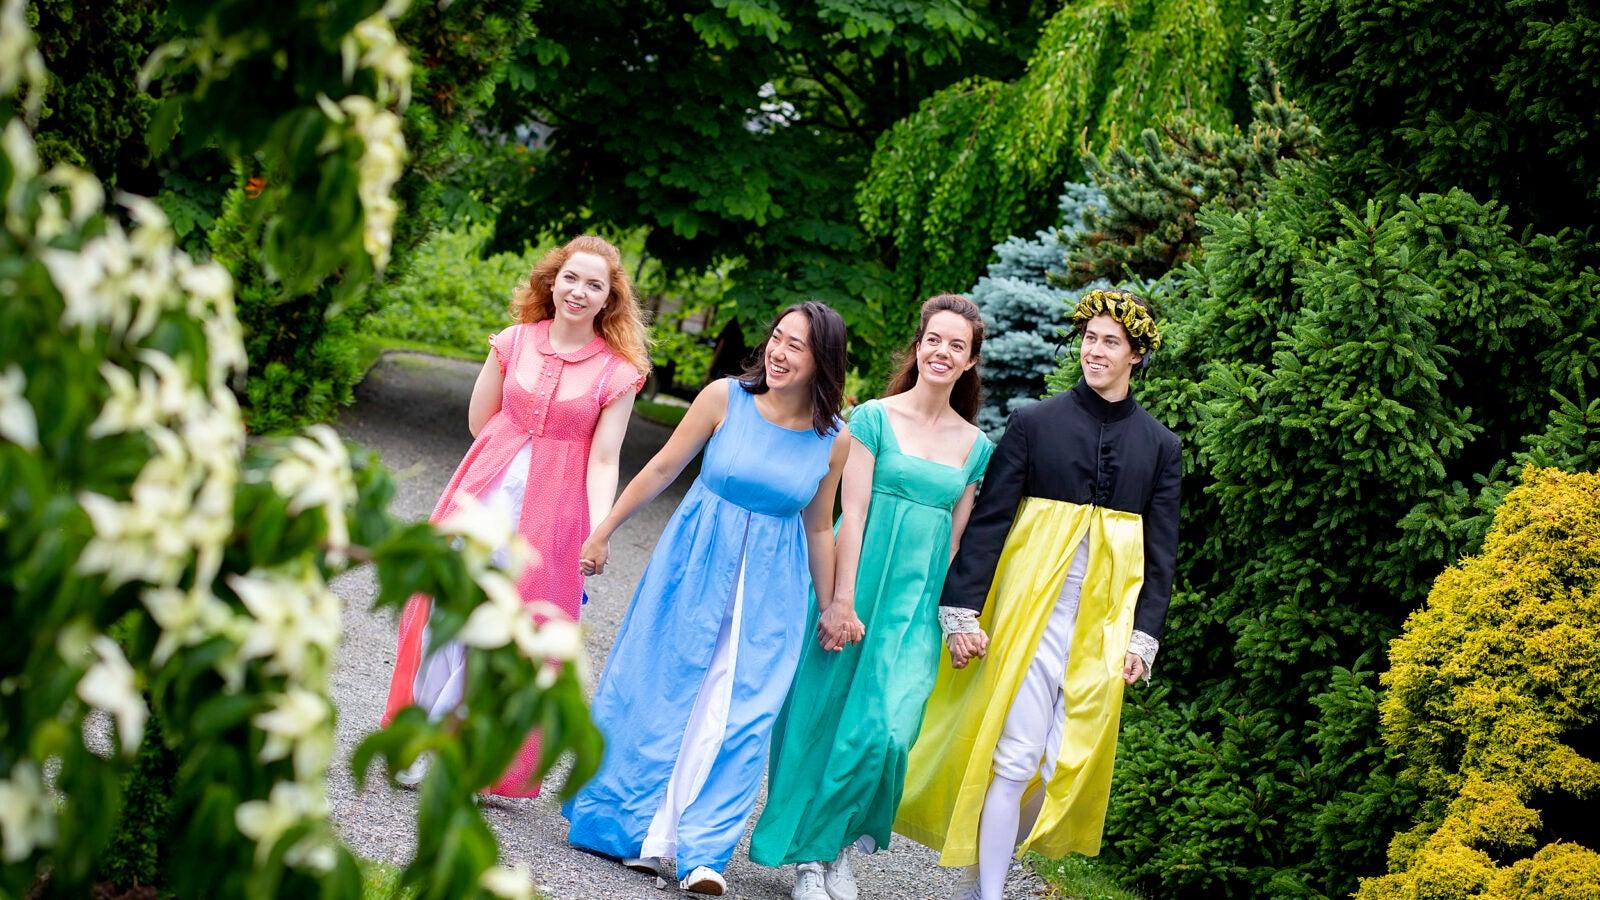 The cast of Pride in Prejudice walking through the Arboretum